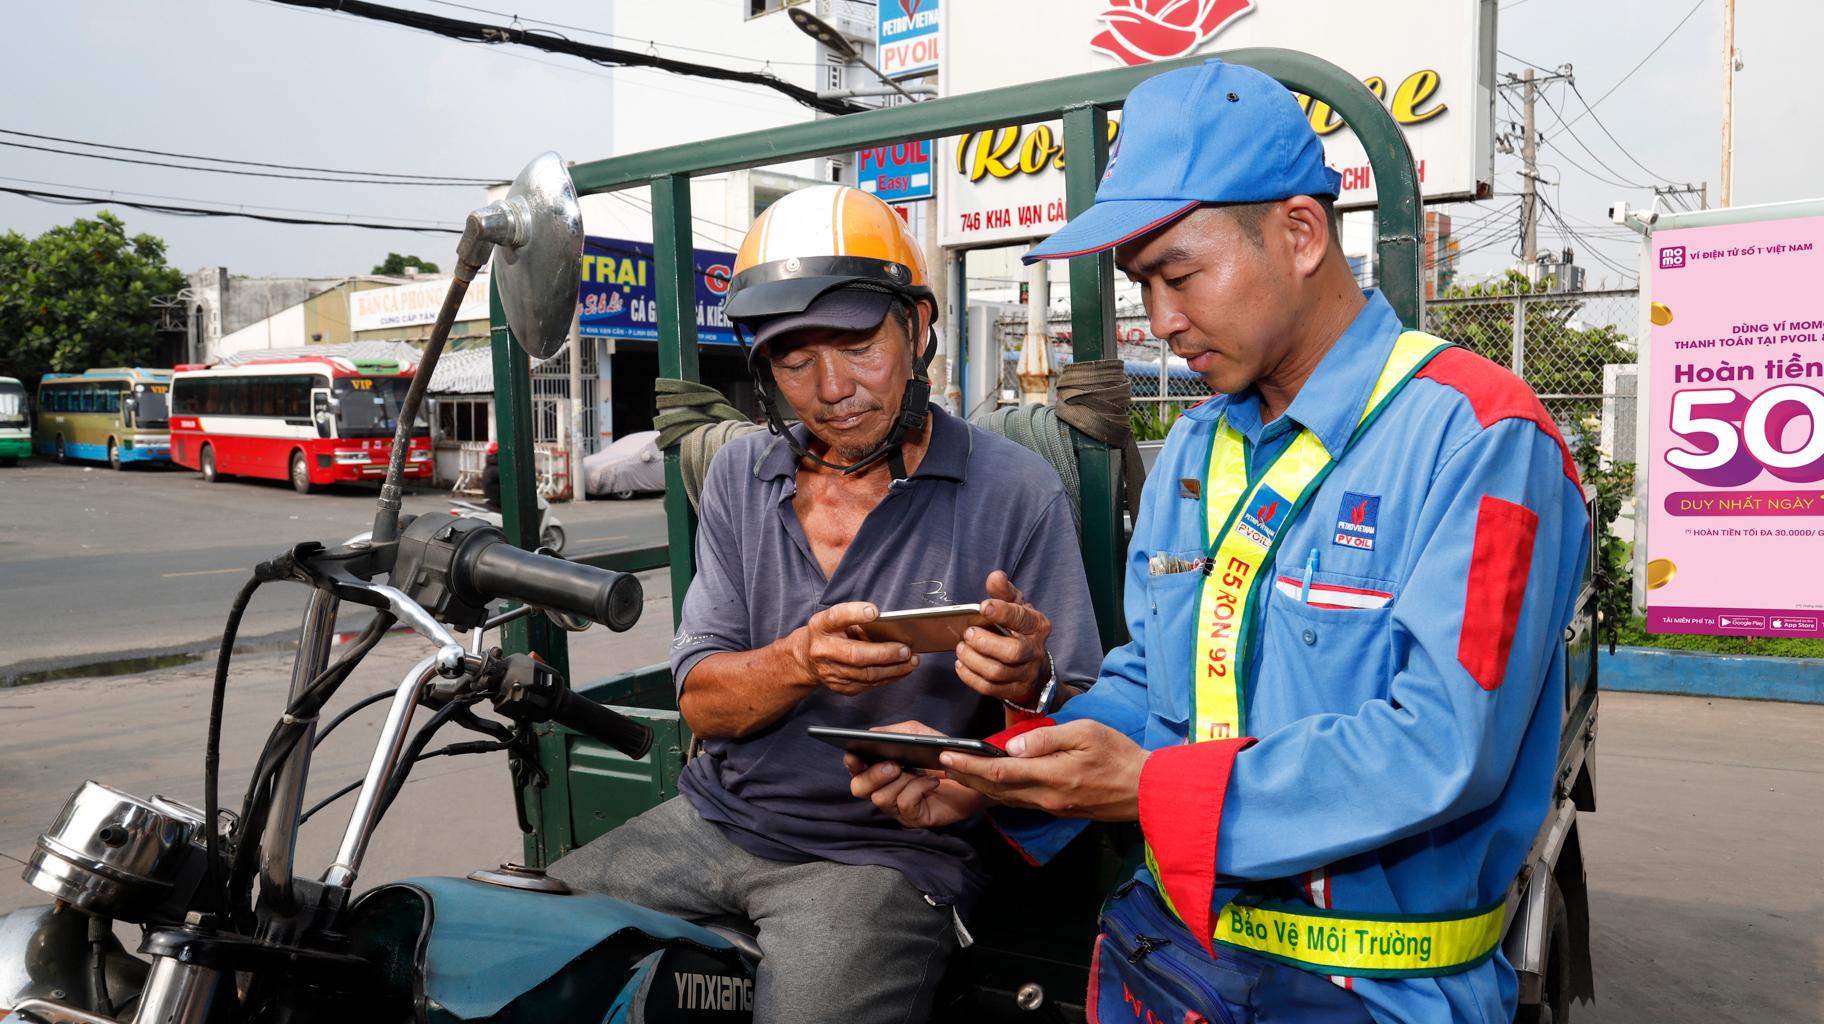 PVOIL và Ví MoMo hợp tác cho người dân mua xăng bằng ví điện tử 1